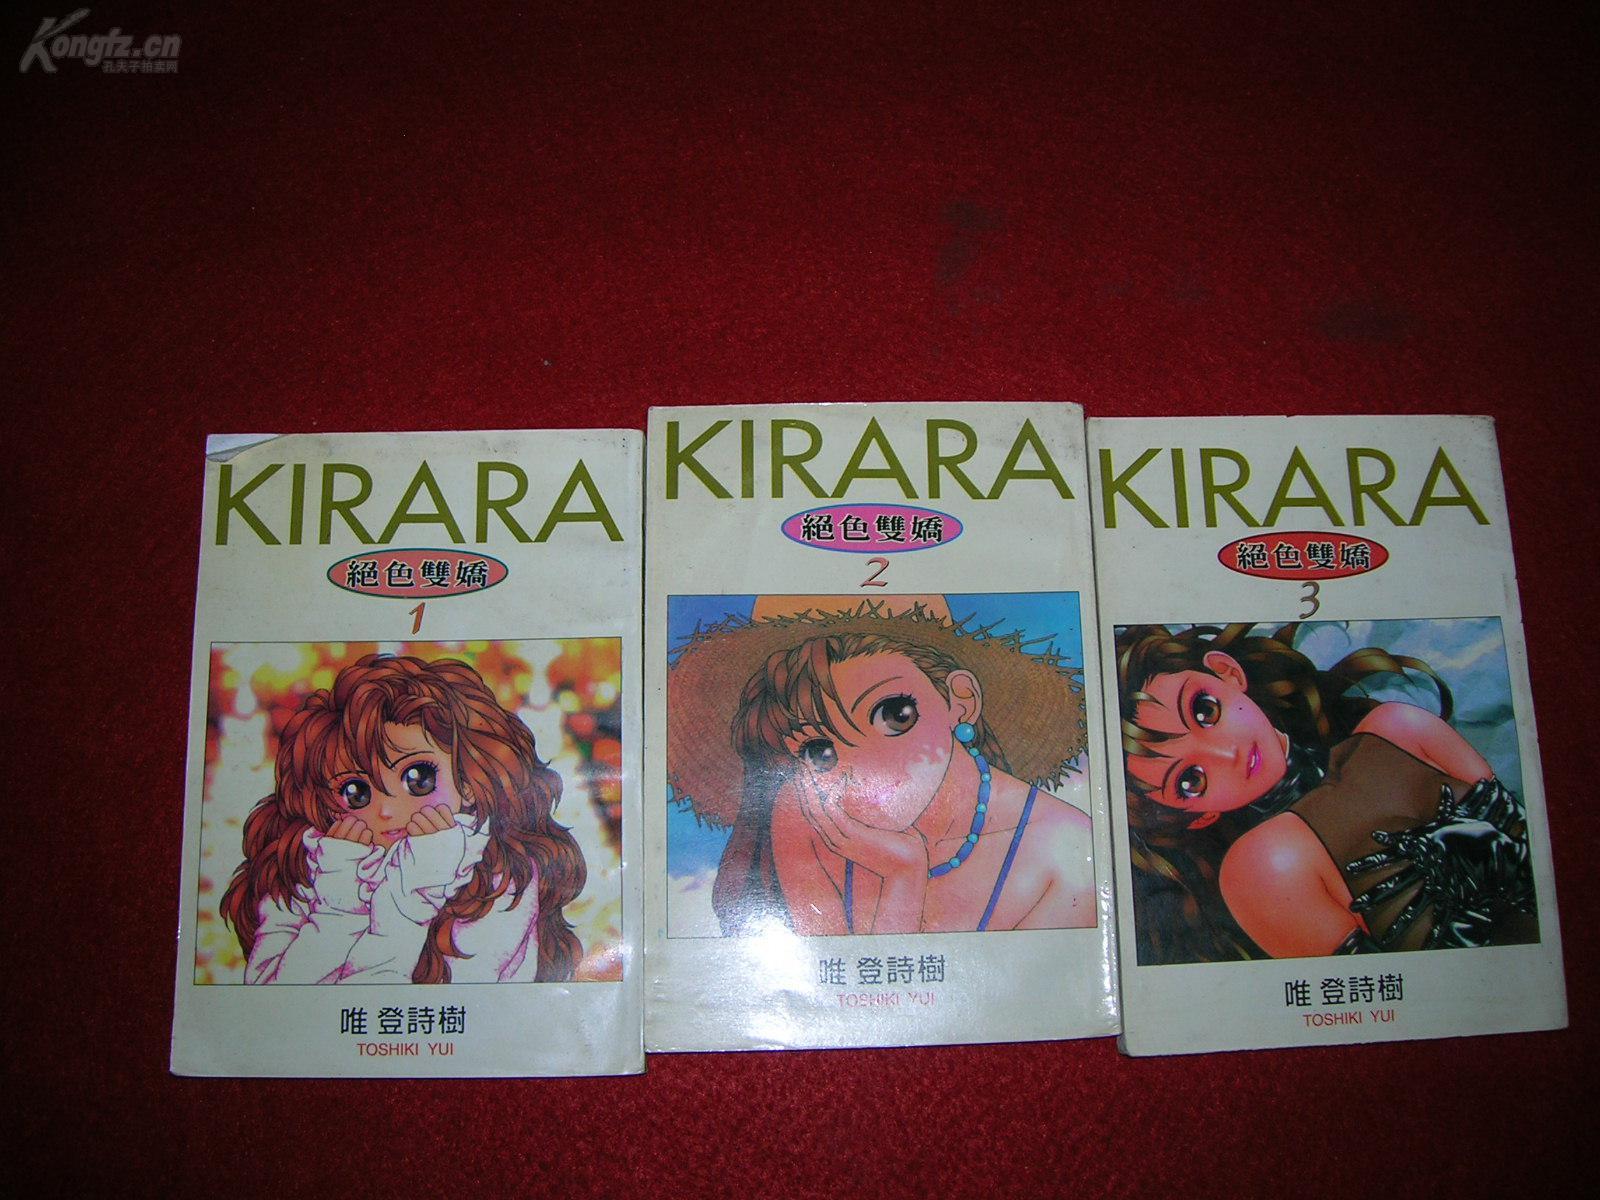 【图】鱼肉绝色双娇--全三册--谢绝海外及港澳漫画鸡鸭漫画图片